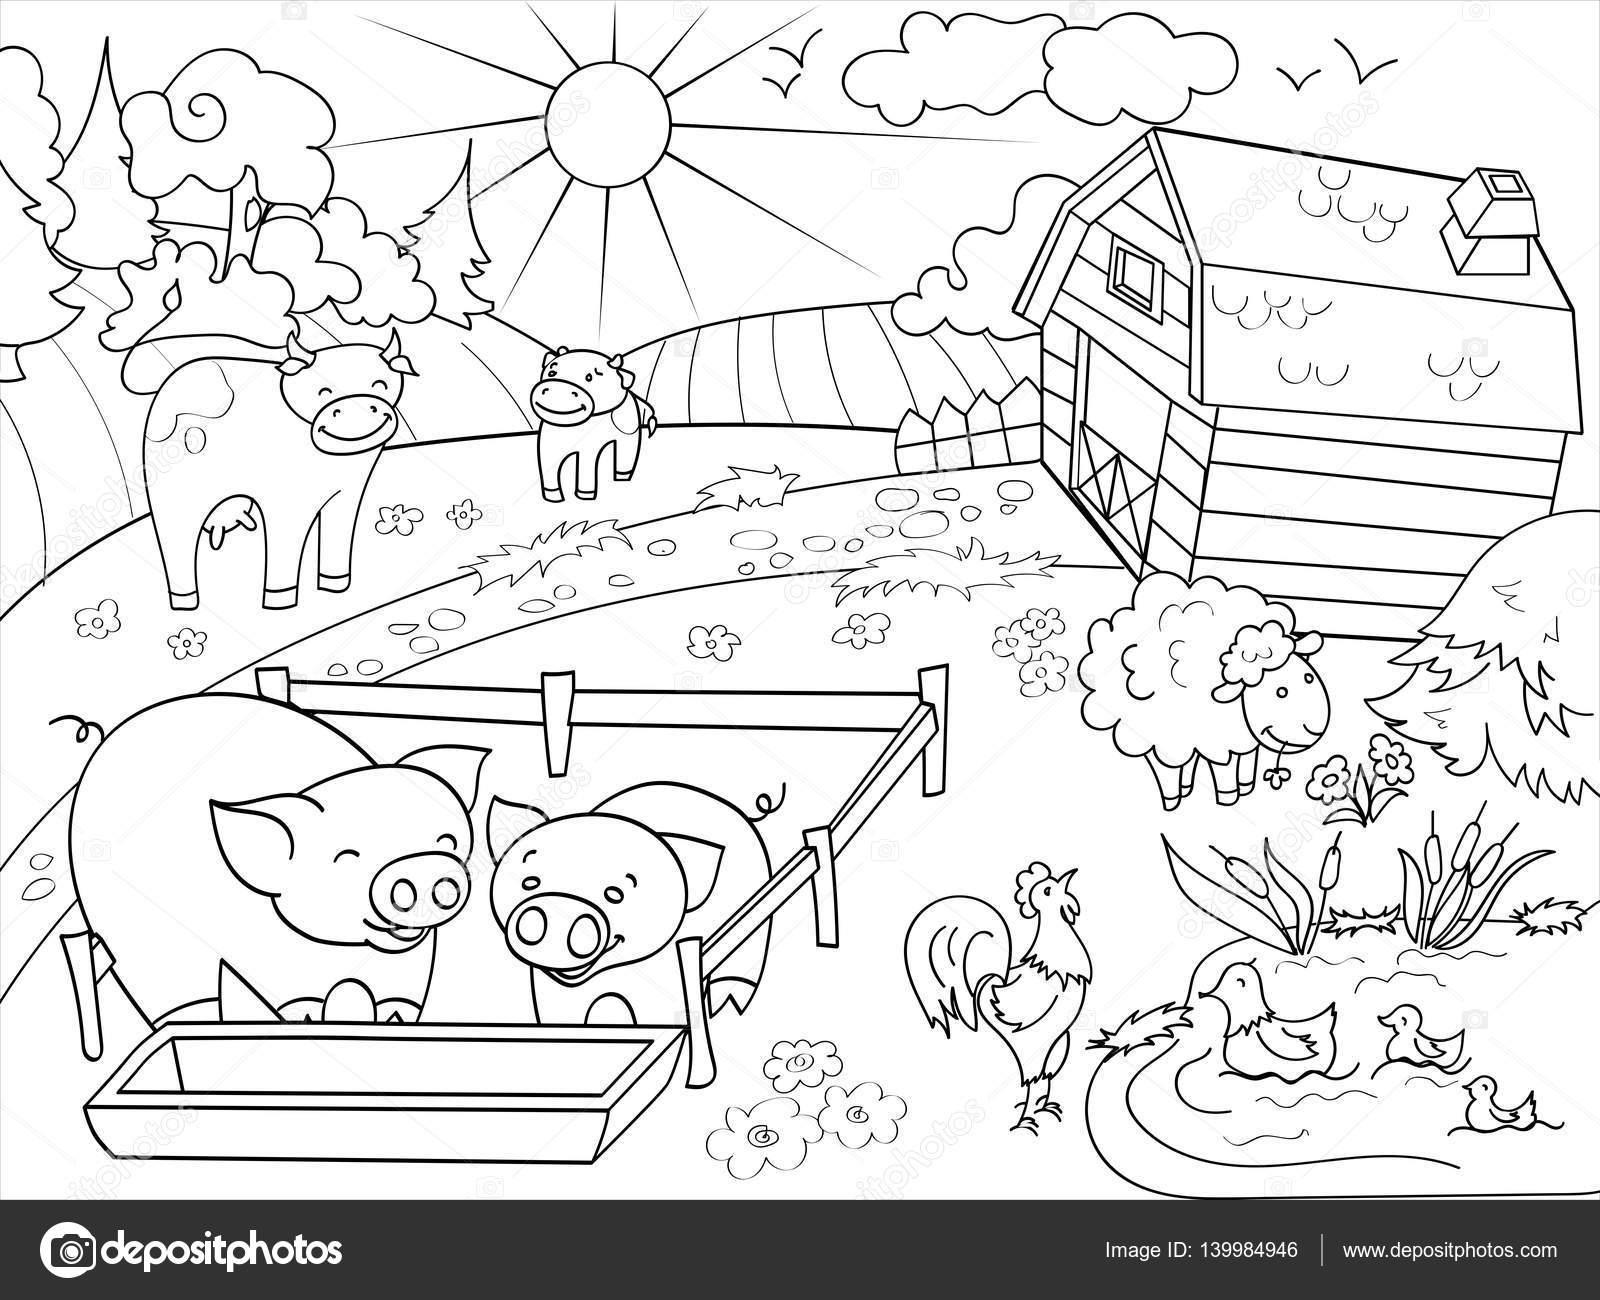 Kleurplaten Voor Volwassenen Koeien.Boerderijdieren En Landschap Vector Kleurplaten Voor Volwassenen